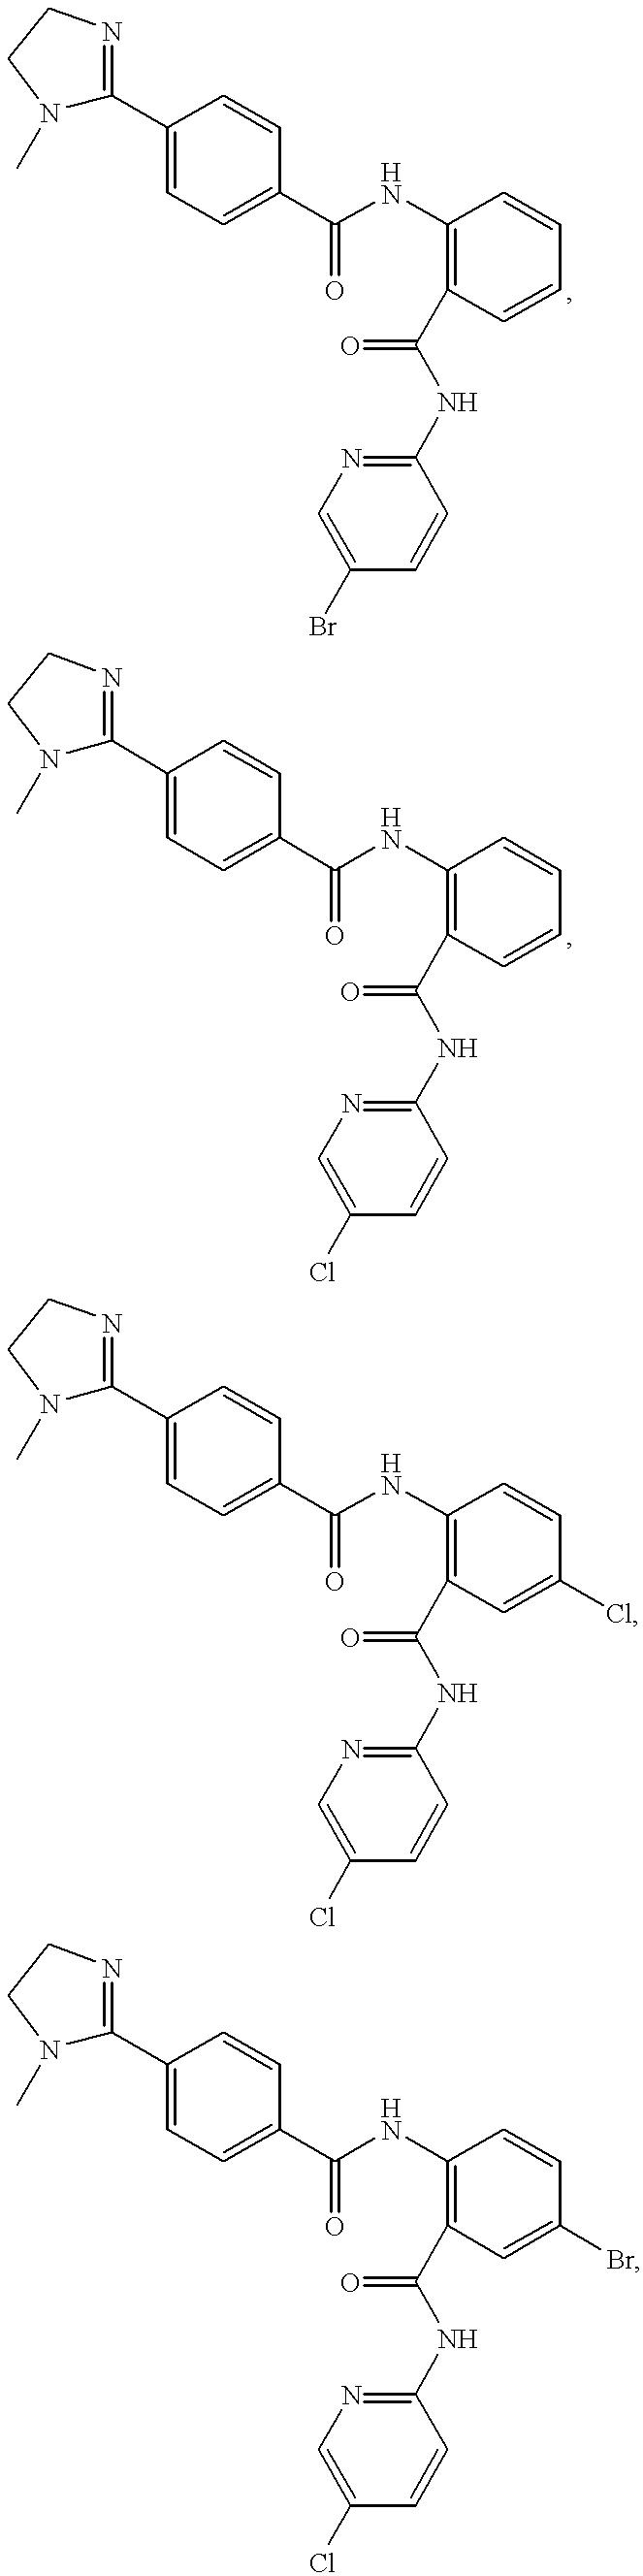 Figure US06376515-20020423-C00052